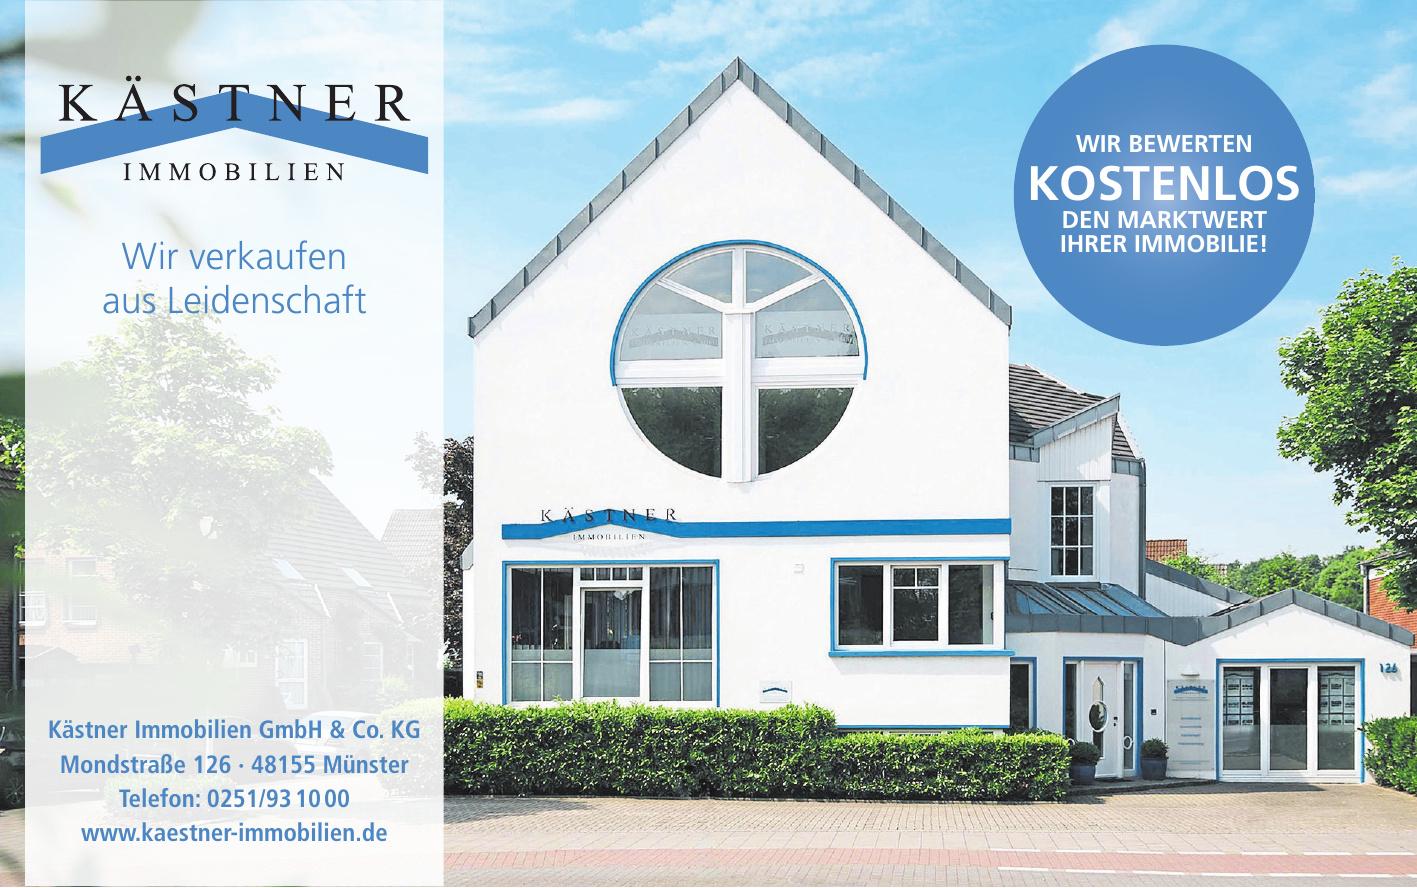 Kästner Immobilien GmbH & Co. KG